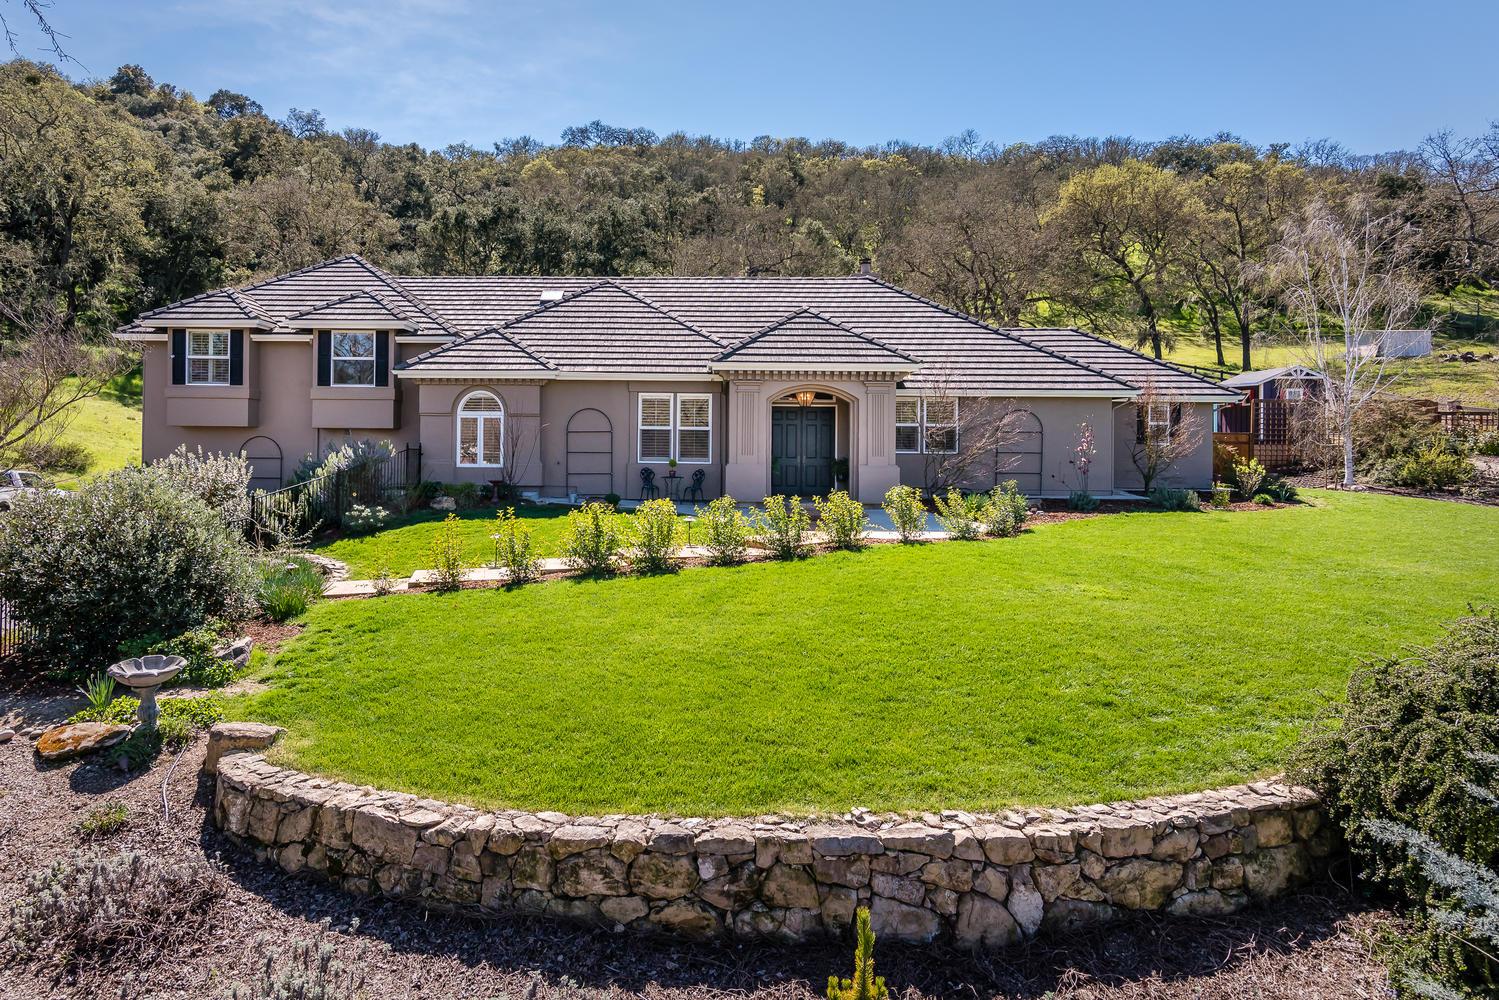 Einfamilienhaus für Verkauf beim Welcome Home! 6400 San Gabriel Road Atascadero, Kalifornien, 93422 Vereinigte Staaten